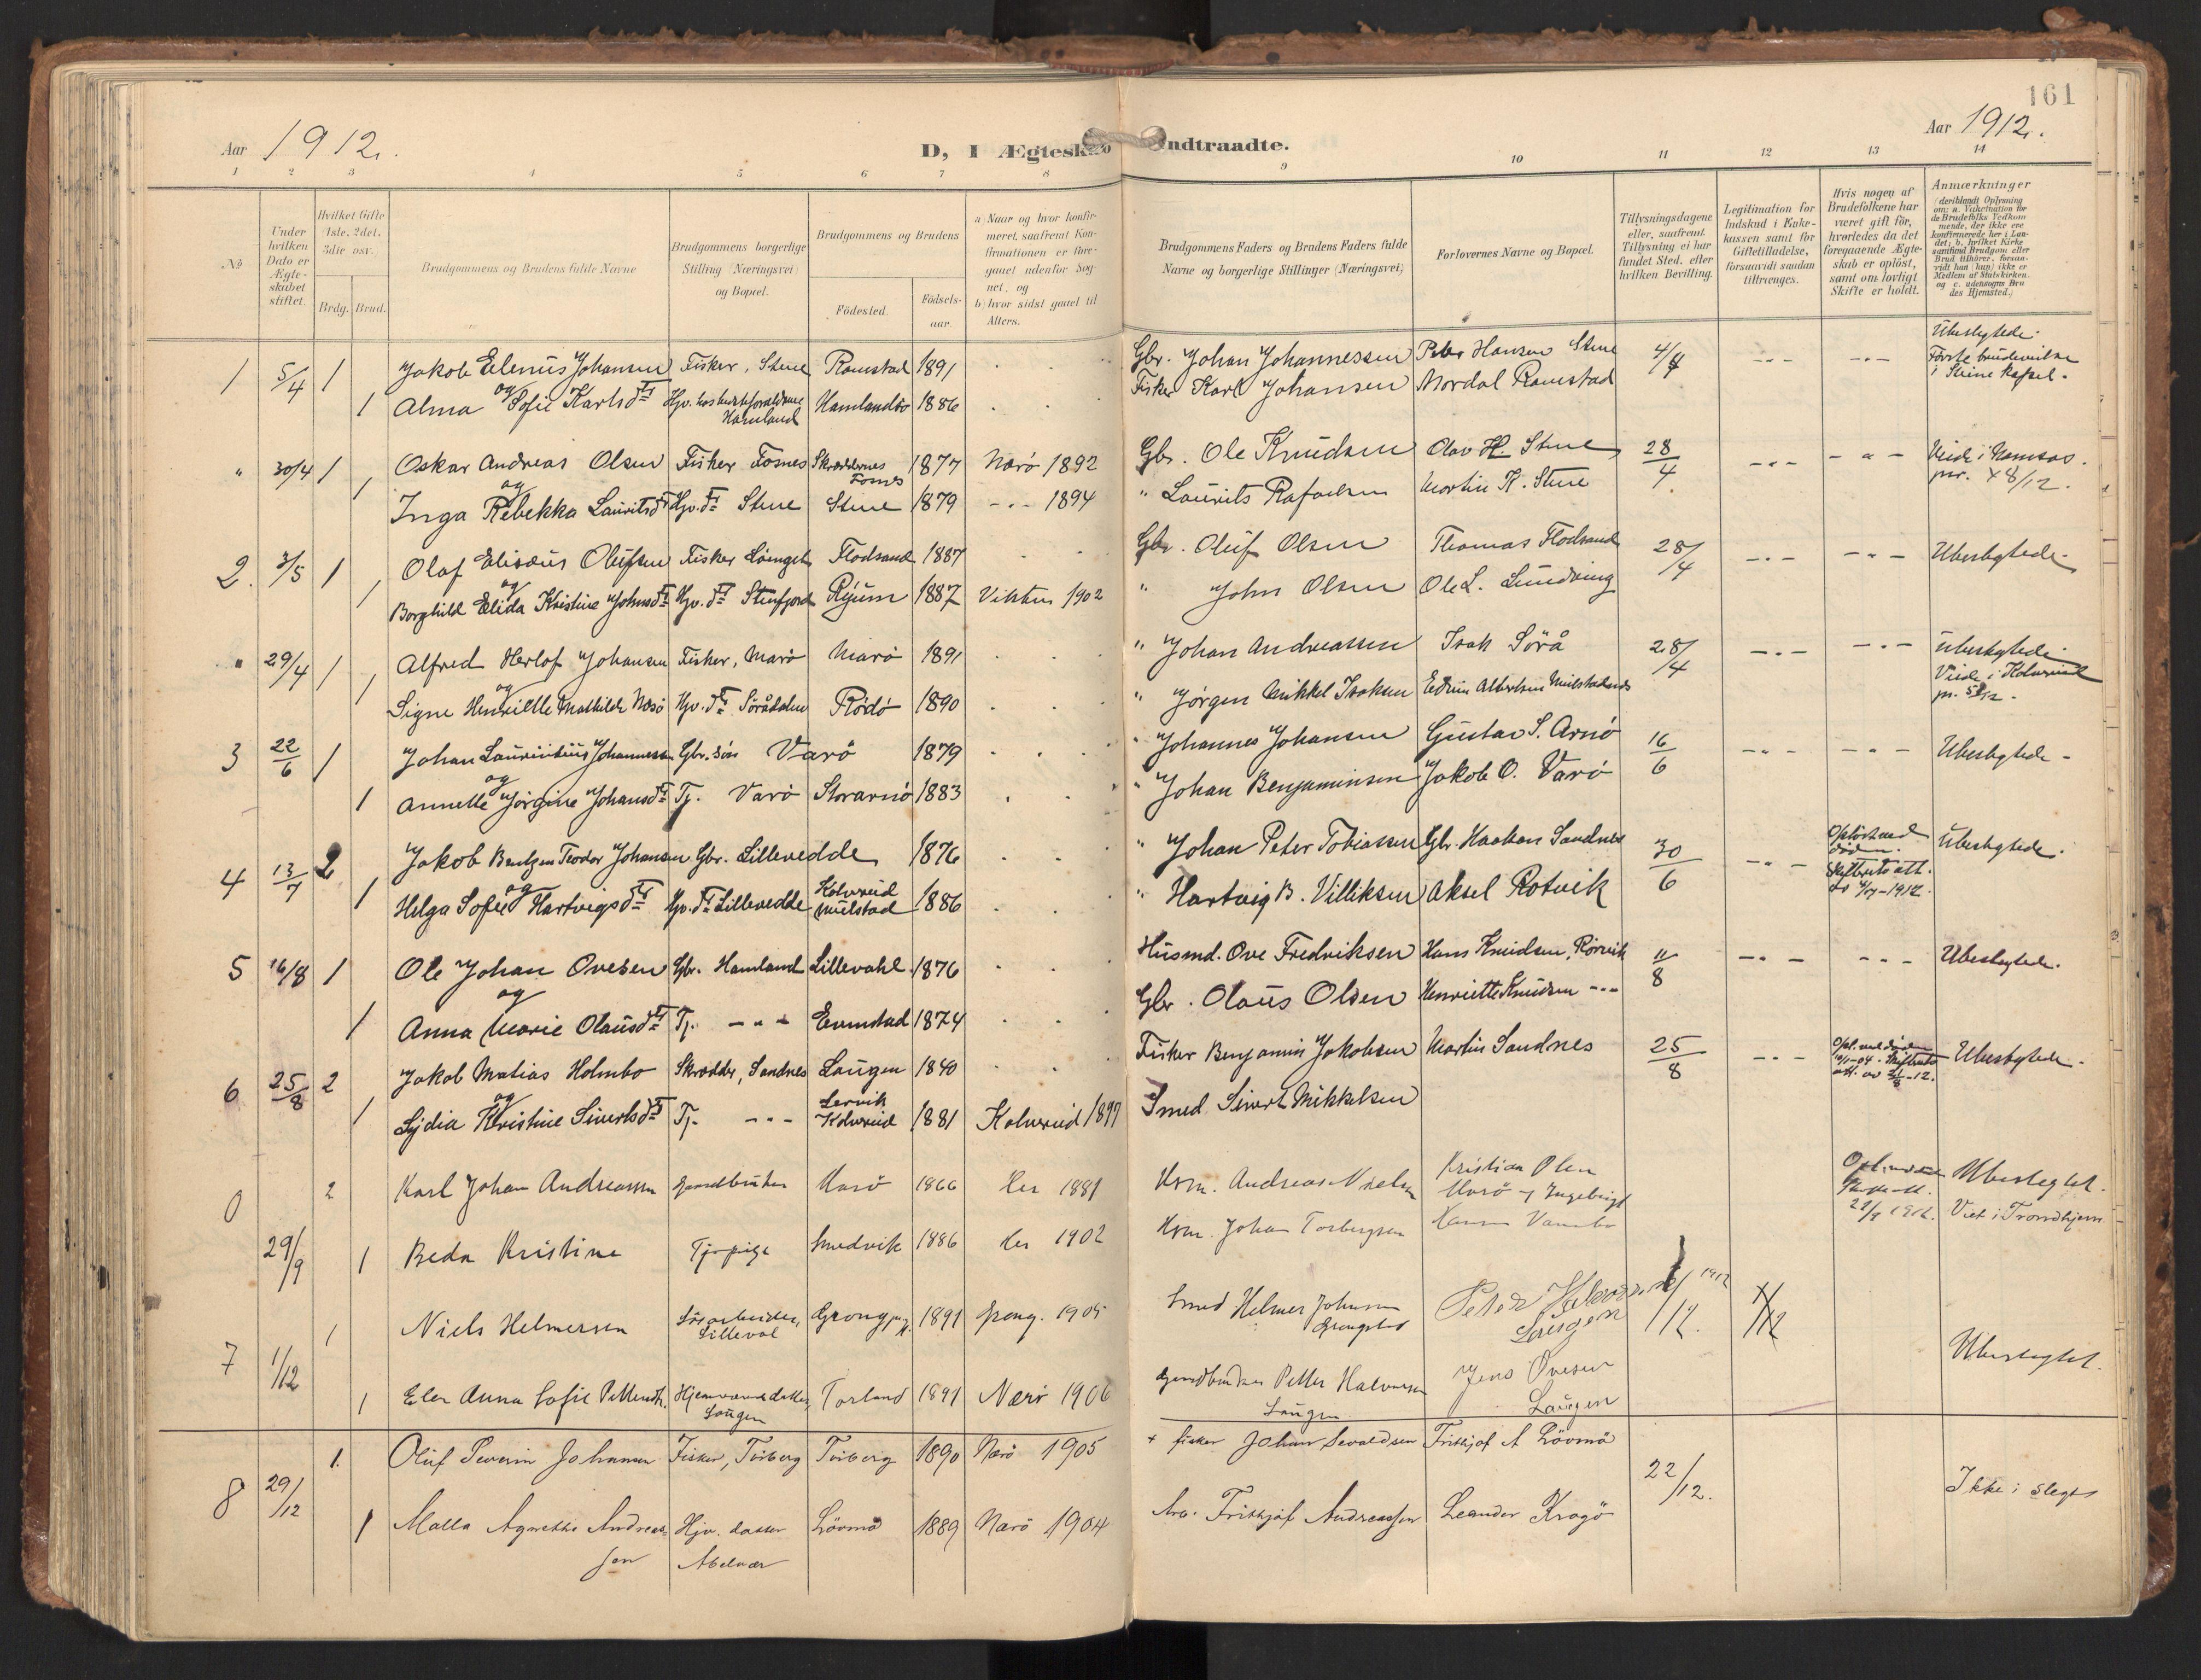 SAT, Ministerialprotokoller, klokkerbøker og fødselsregistre - Nord-Trøndelag, 784/L0677: Ministerialbok nr. 784A12, 1900-1920, s. 161